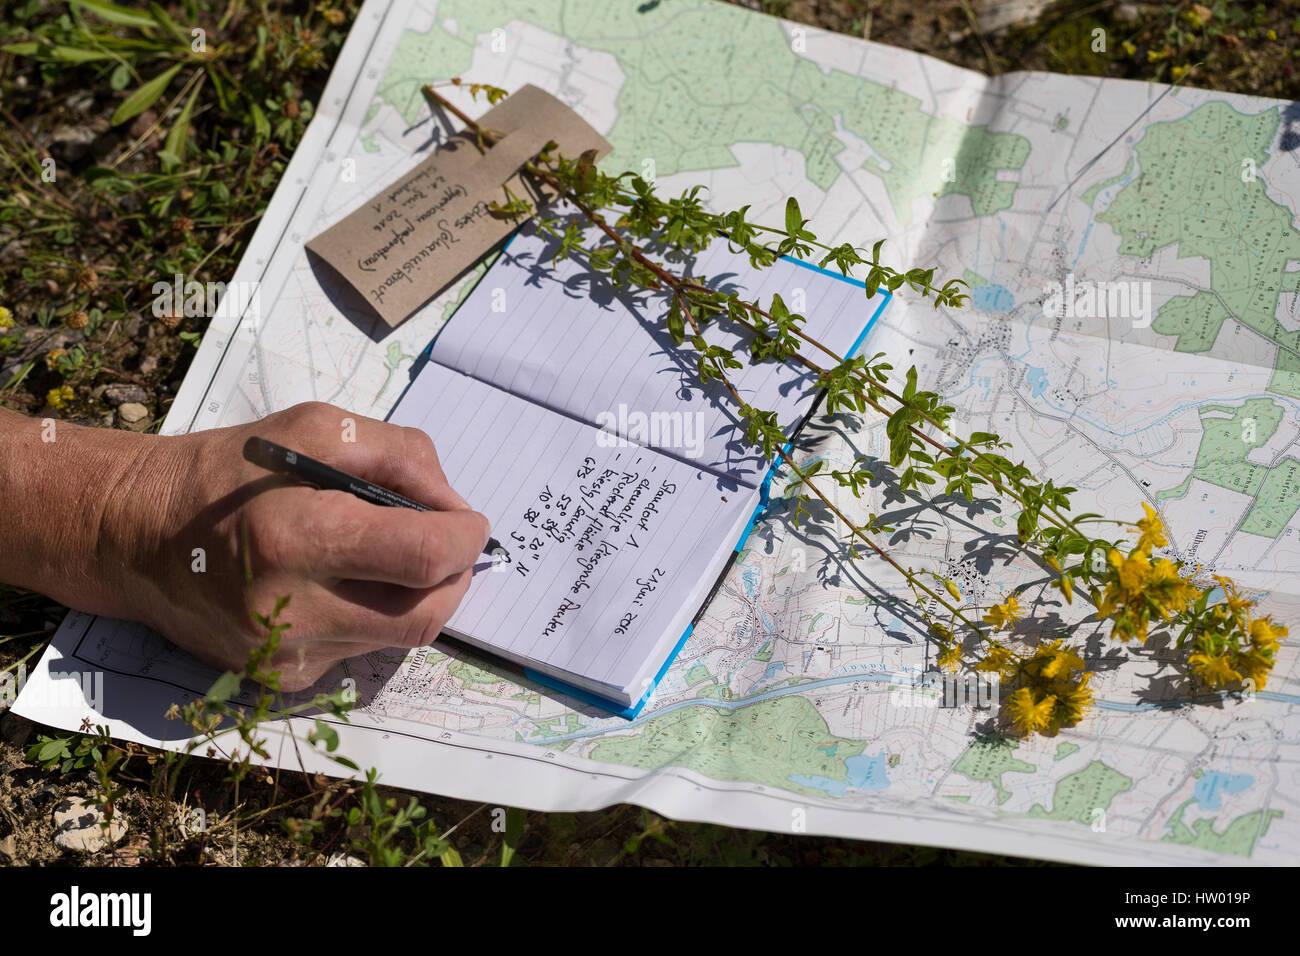 Daten werden notiert, Sammeldaten, Standort, Topografische Karte, Notizblock, Pflanzen sammeln, Pflanzen bestimmen. - Stock Image